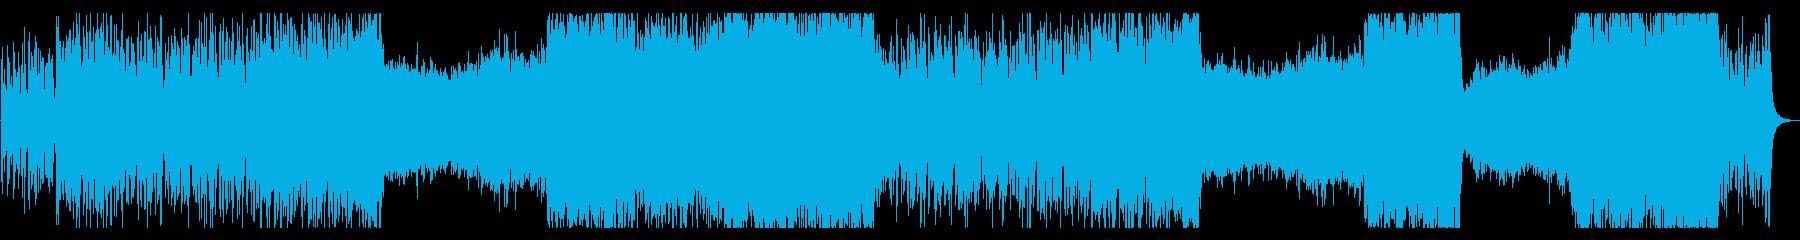 オーケストラ・壮大・感動・神秘的・幻想的の再生済みの波形